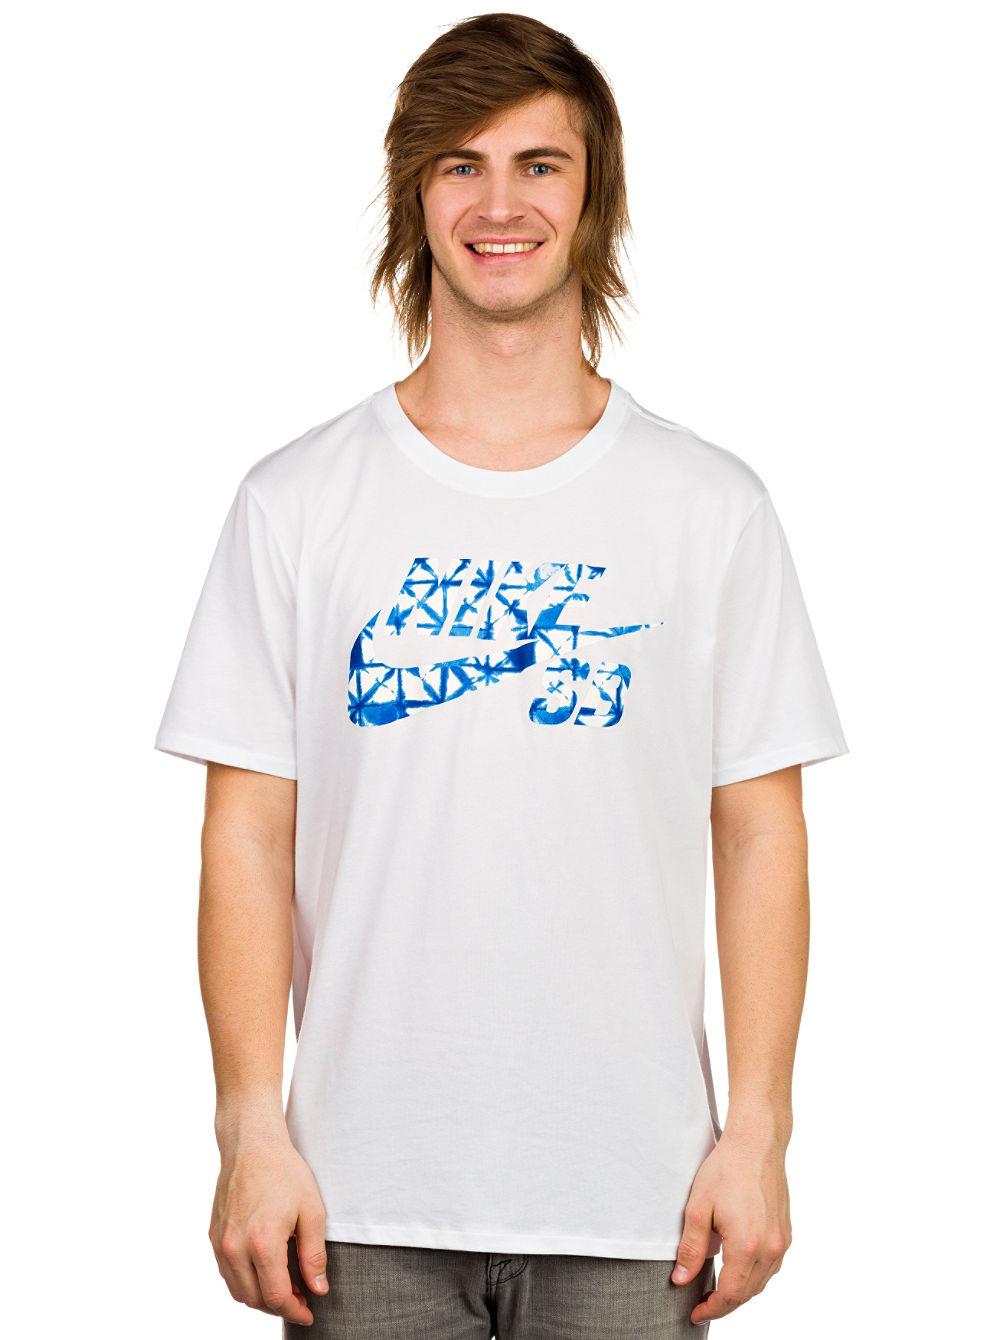 Nike SB DF Print Fill T-Shirt - nike - blue-tomato.com